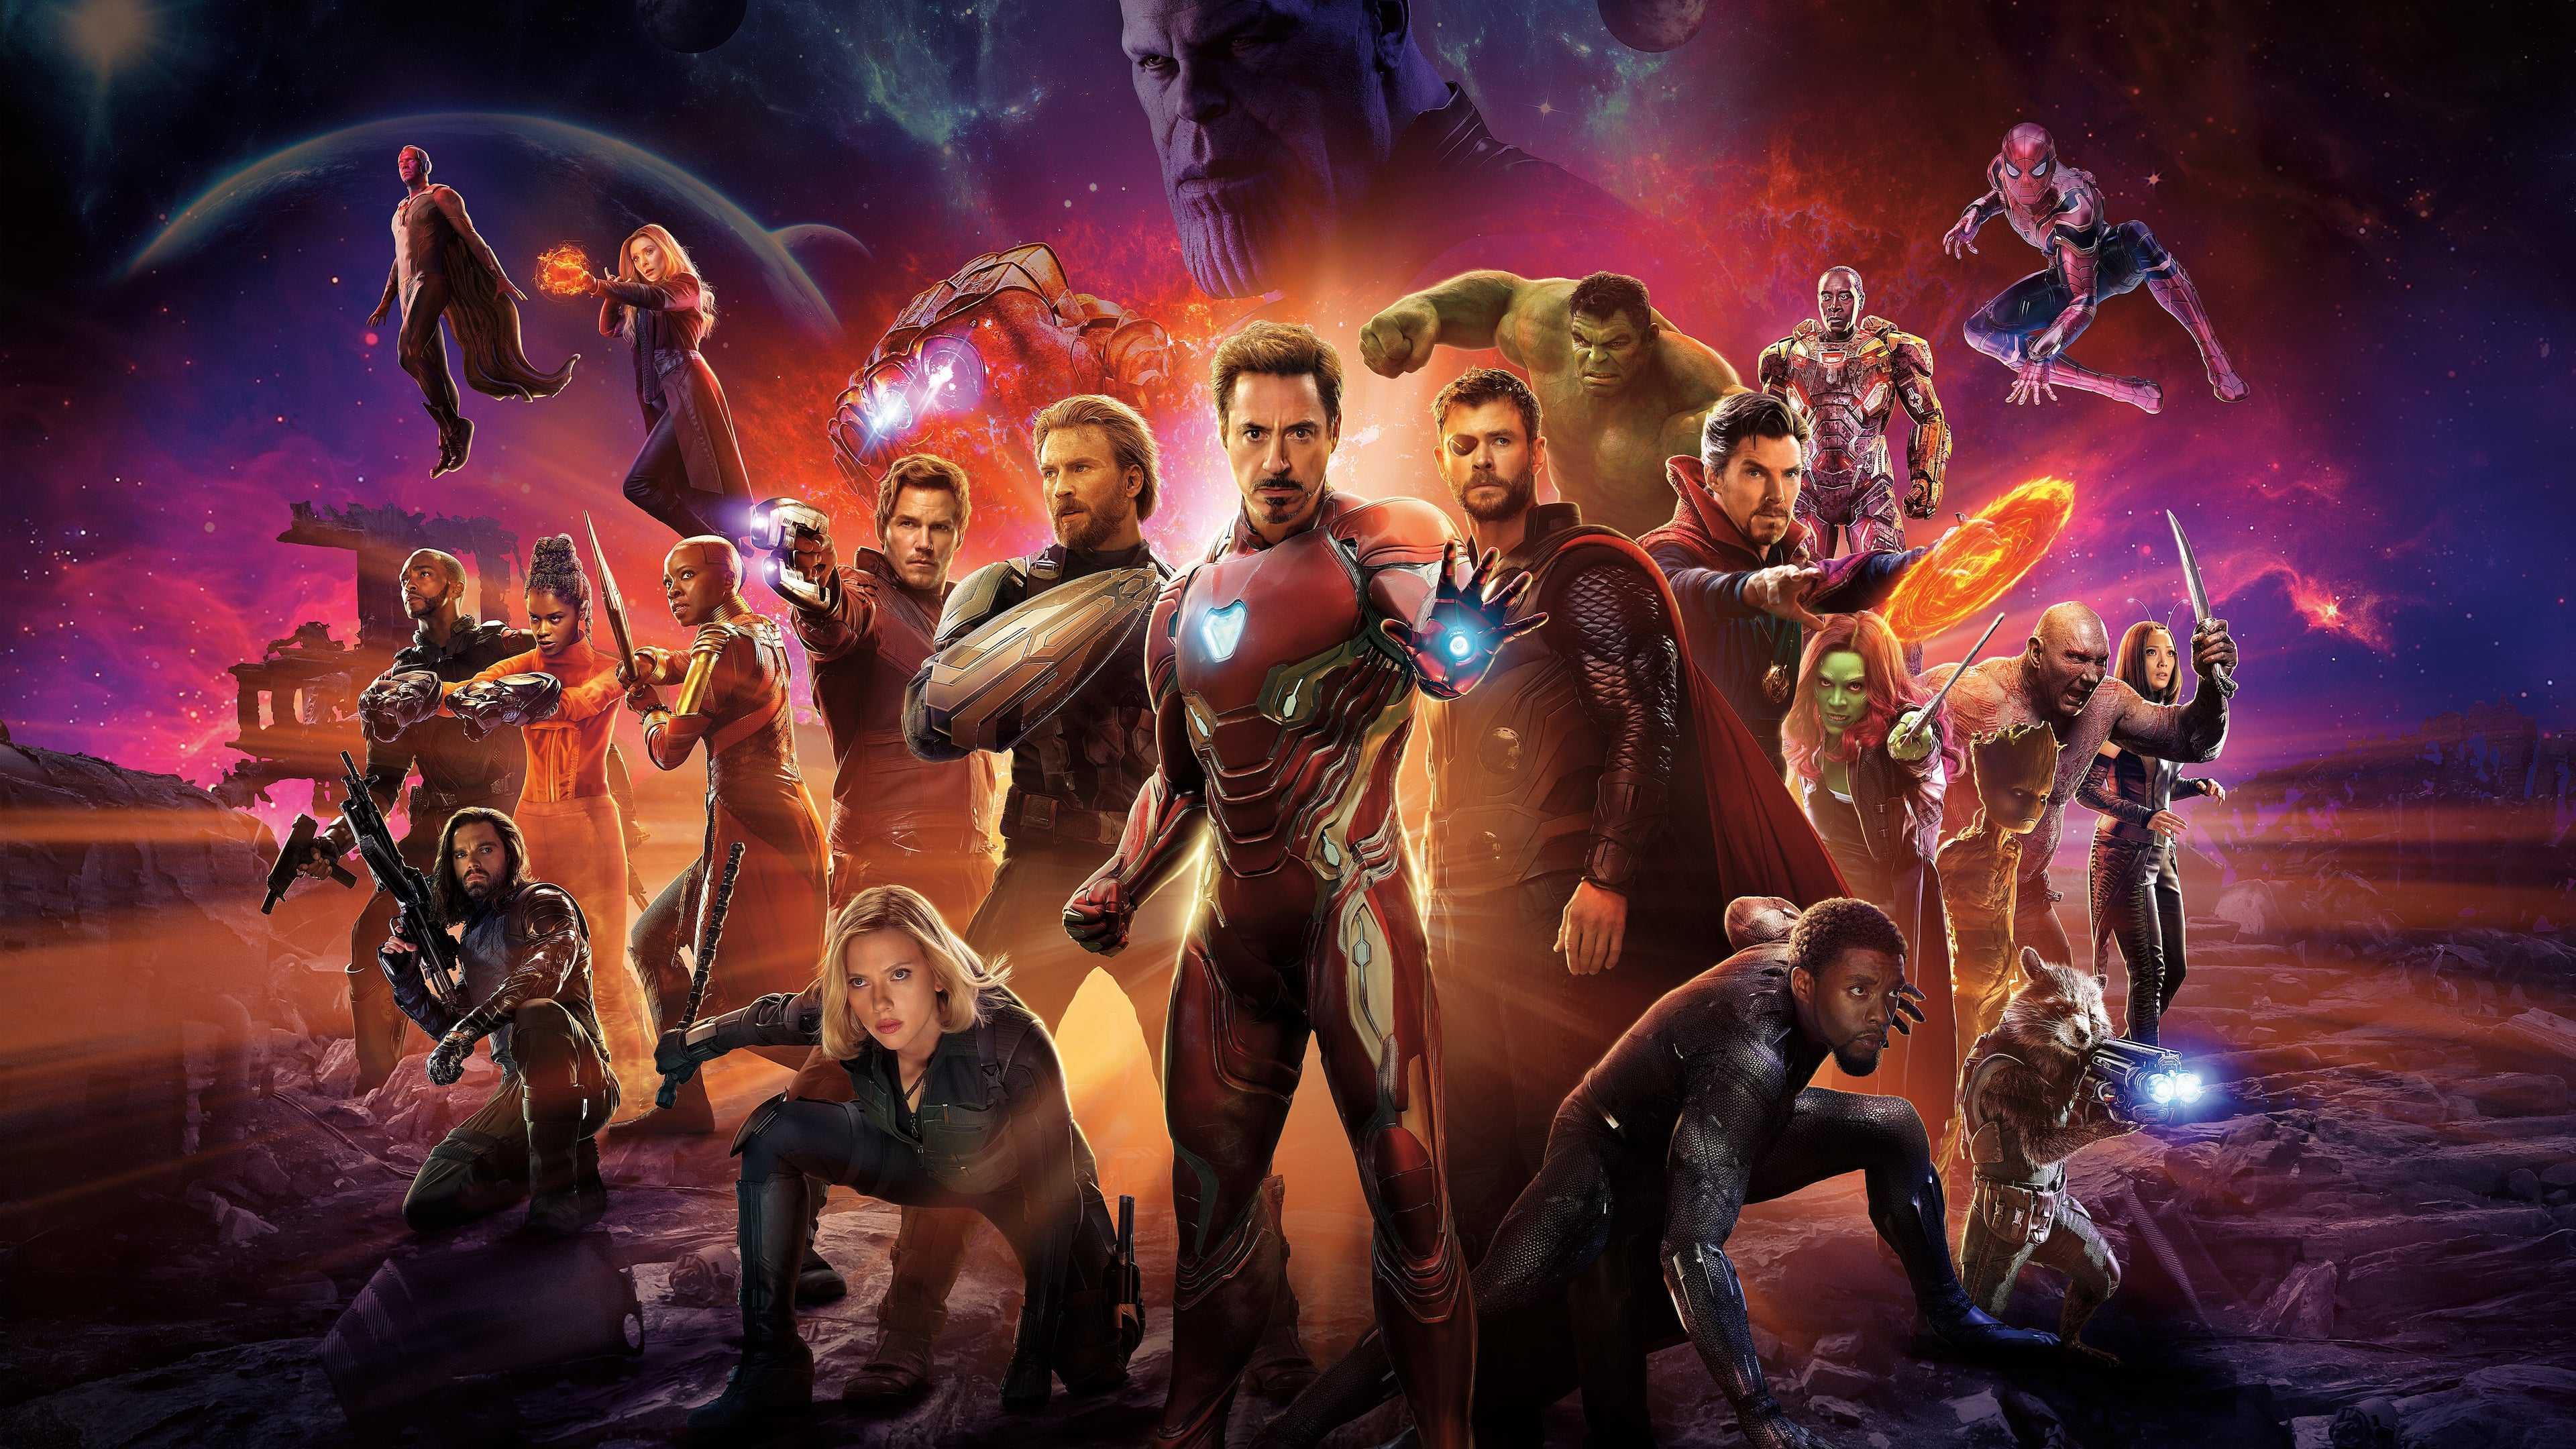 《复仇者联盟3:无限战争》横扫北美和全球票房